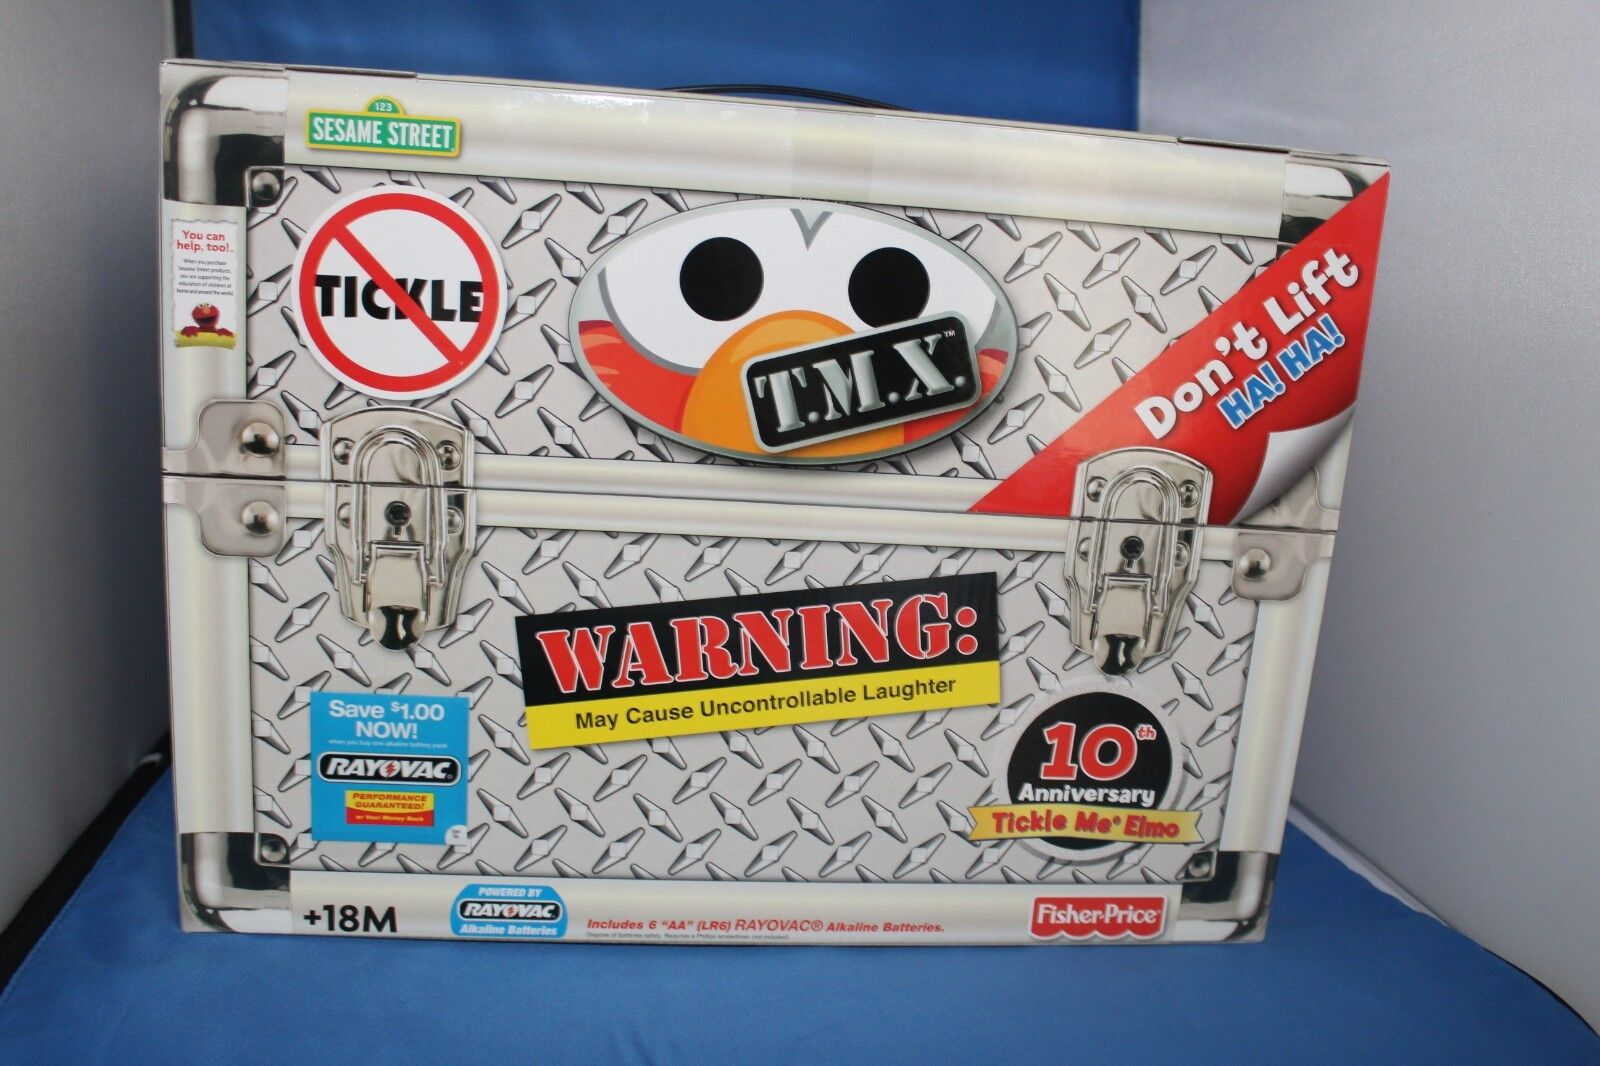 edición limitada Tmx Tickle Me Elmo Top Top Top Secret 10th aniversario Toy-Nuevo en caja sin abrir  tienda de venta en línea